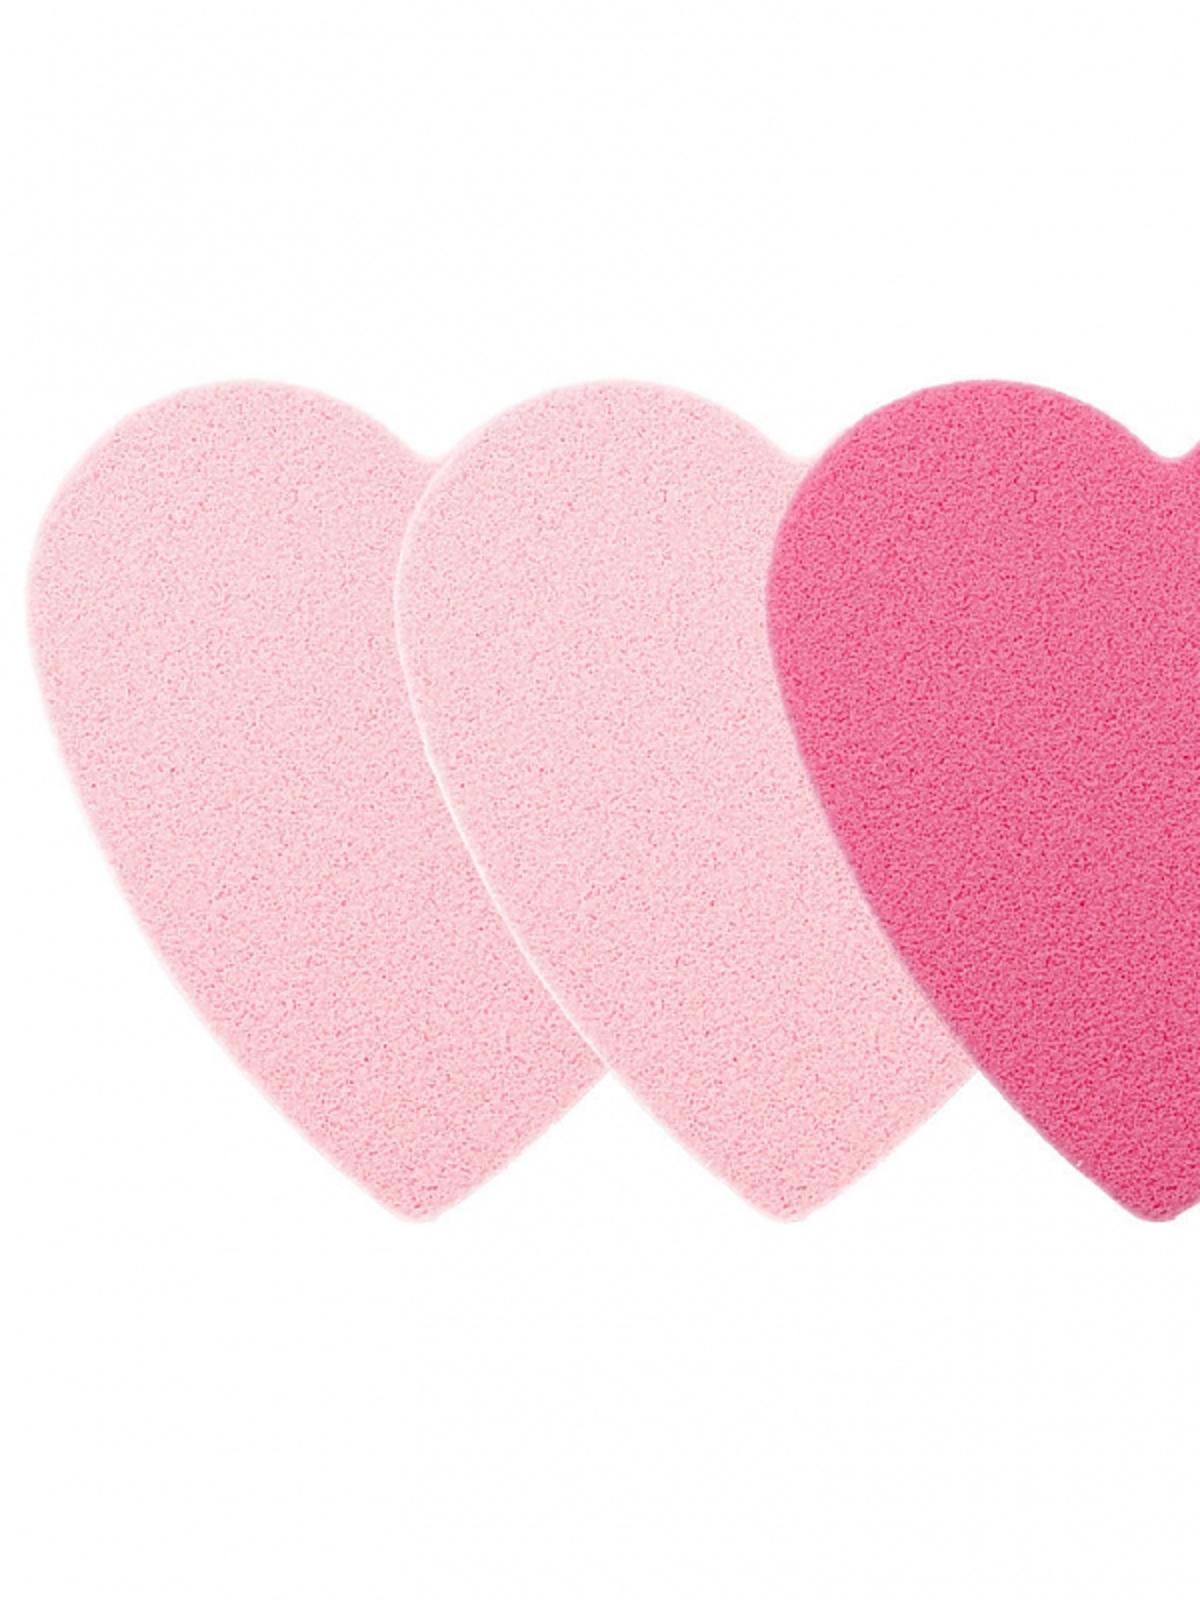 Zestaw gąbek do makijażu w kształcie serc Sephora, ok. 30 zł